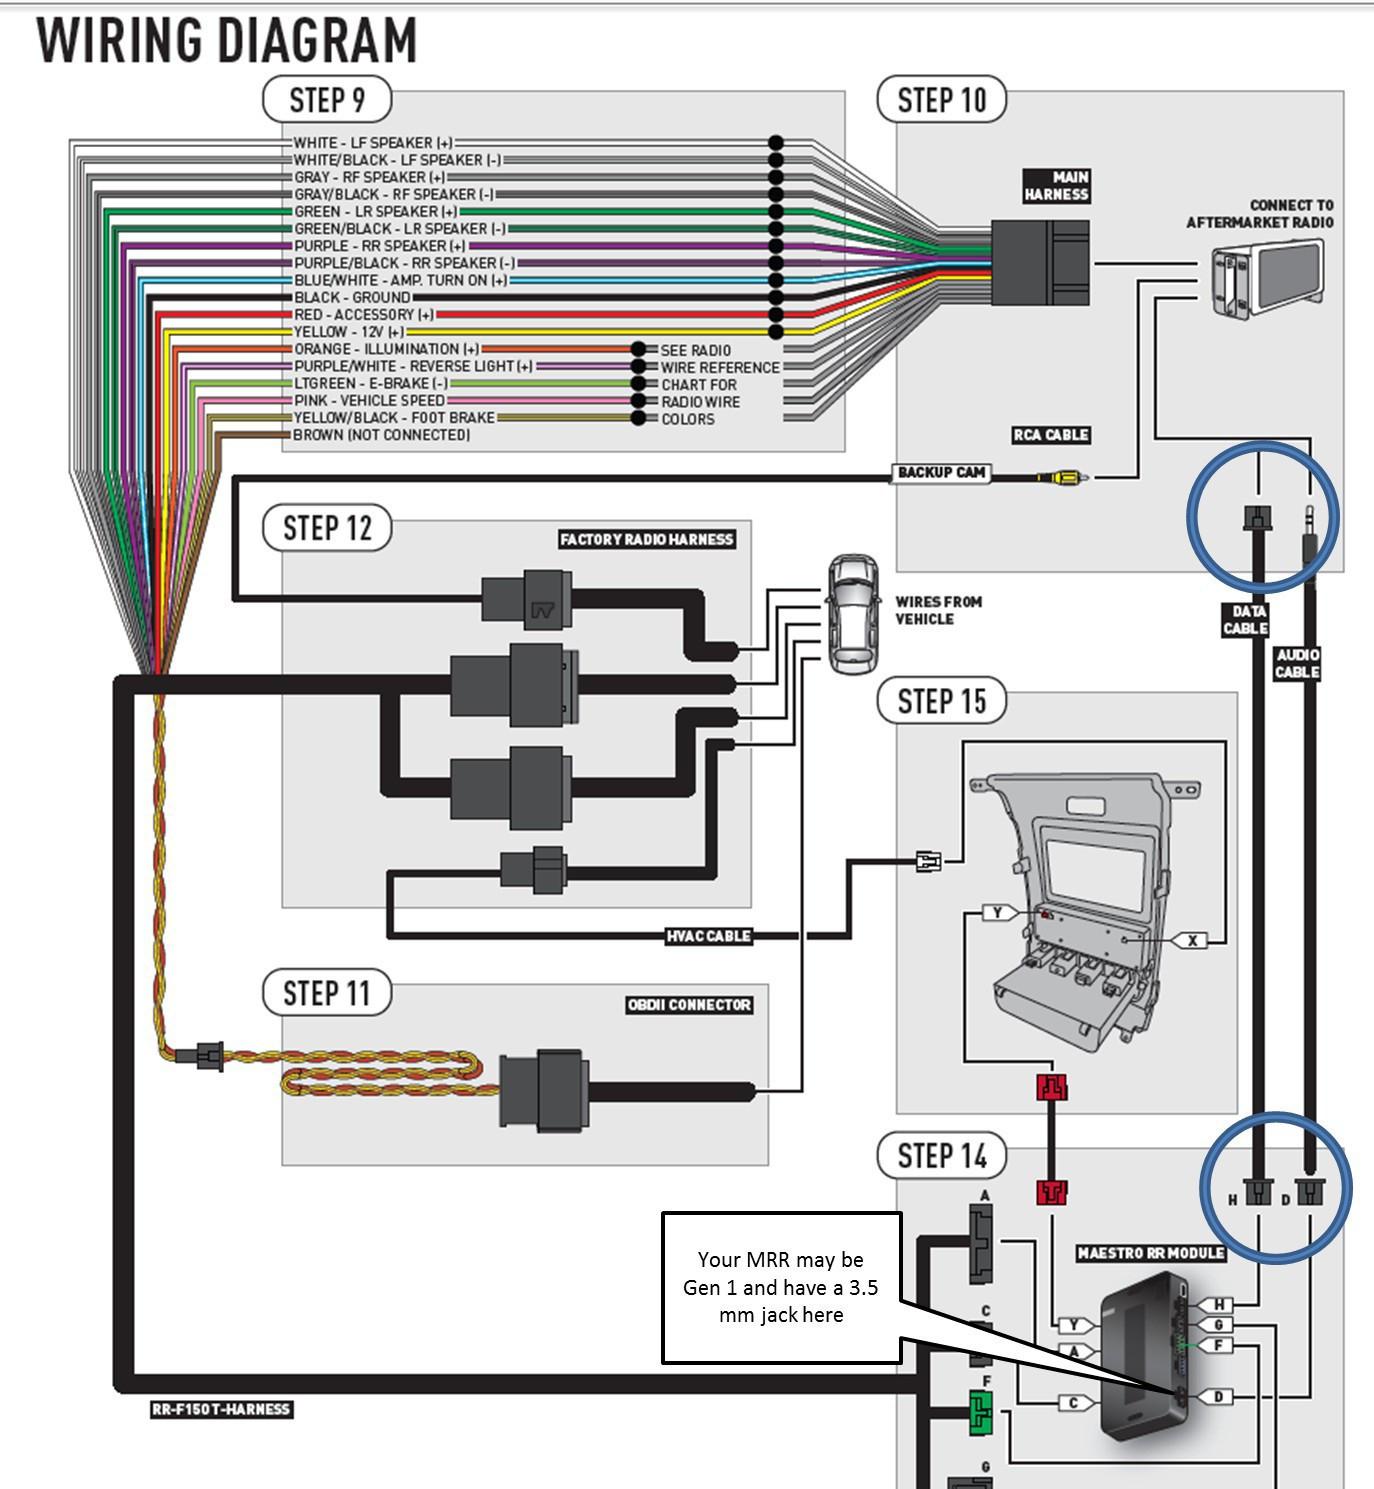 Pioneer Avh P1400Dvd Wiring Diagram New Wiring Diagram For Led - Led Trailer Lights Wiring Diagram